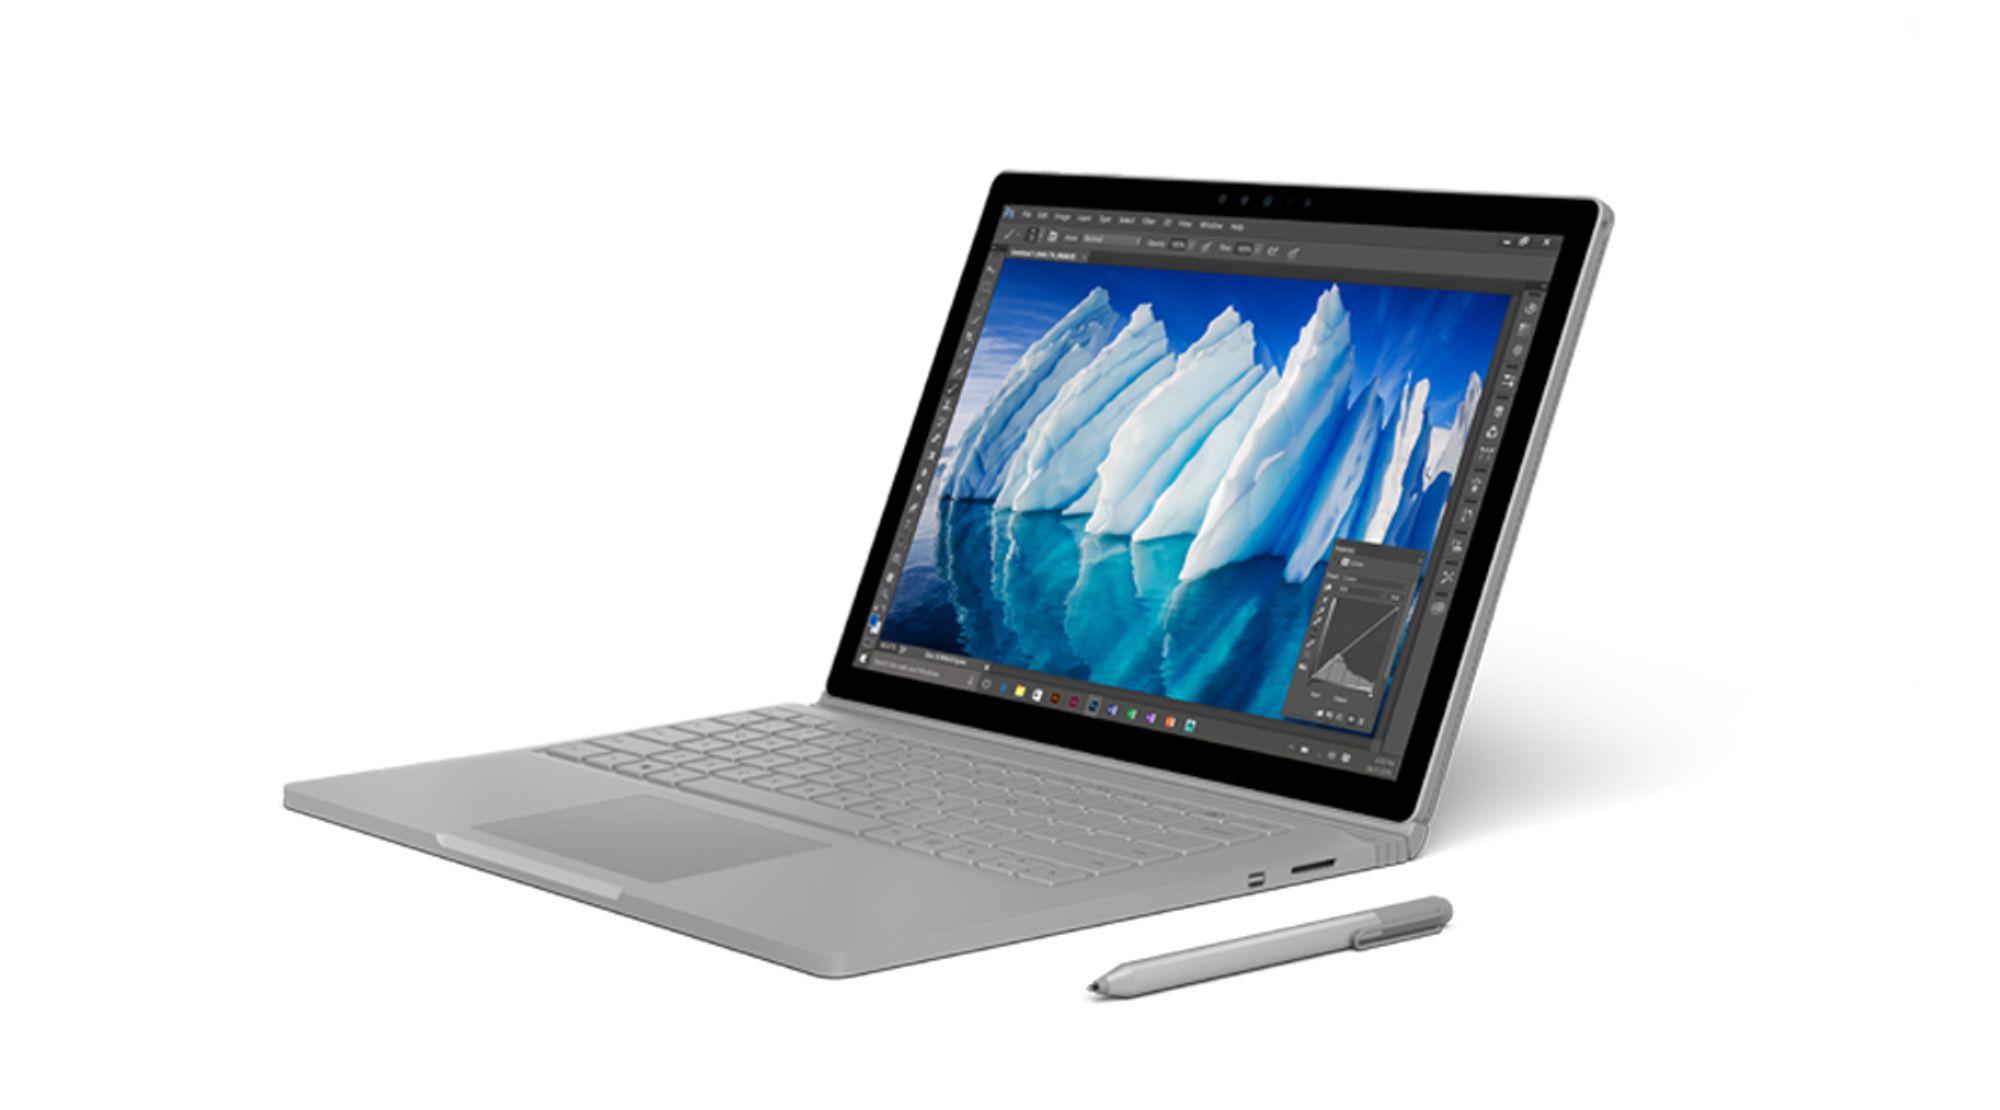 Stor premie: I dag ligger det en Surface Book fra Microsoft i kalenderluken.